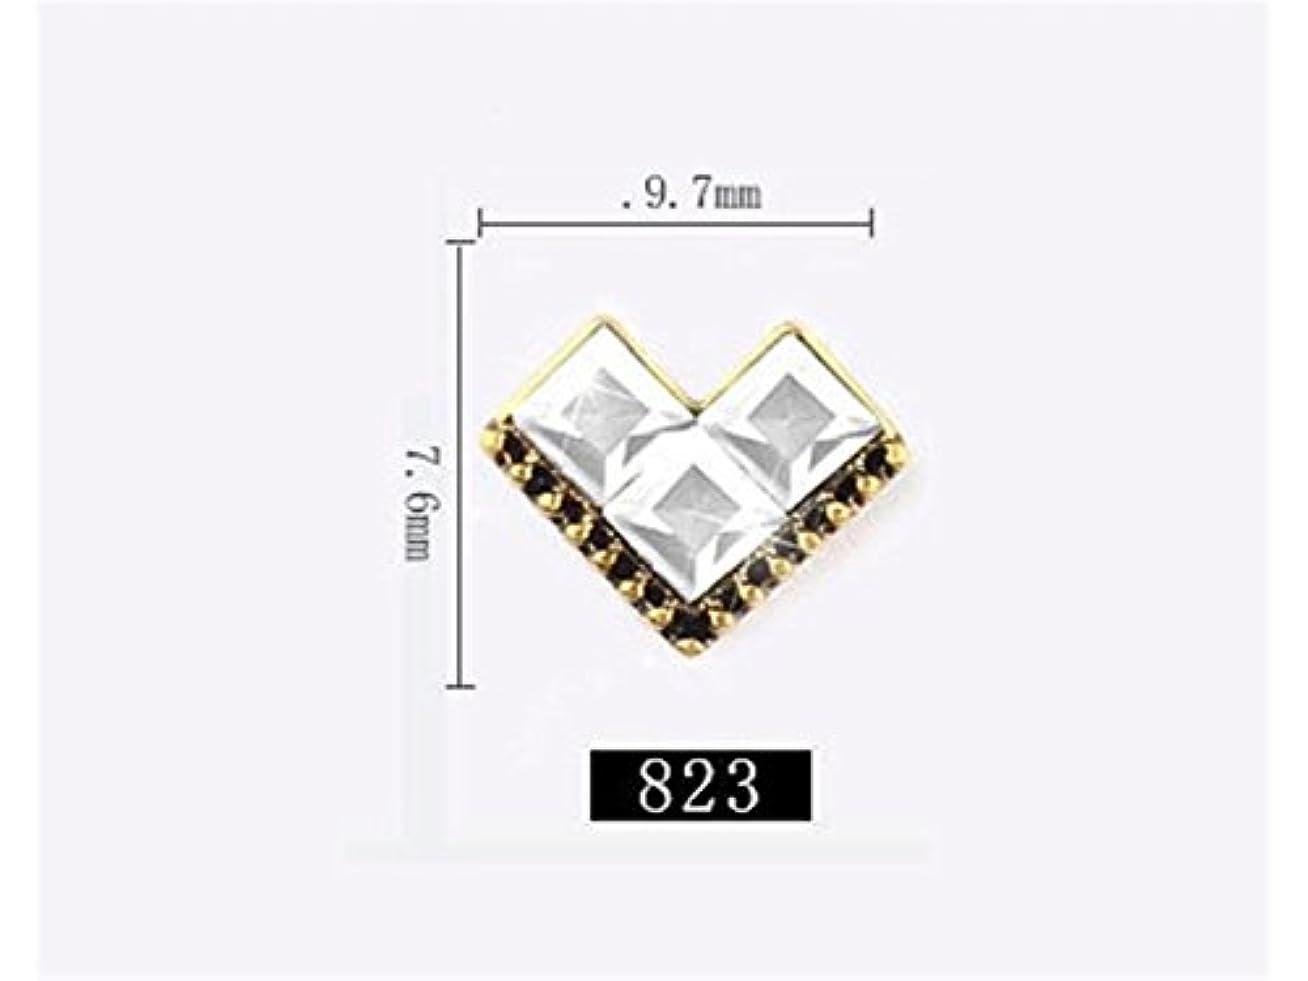 剪断壁紙フォルダOsize 10本のラインストーンクリスタルガラスドリル3DネイルステッカーネイルアートデコレーションDIYネイルチップ(図示)